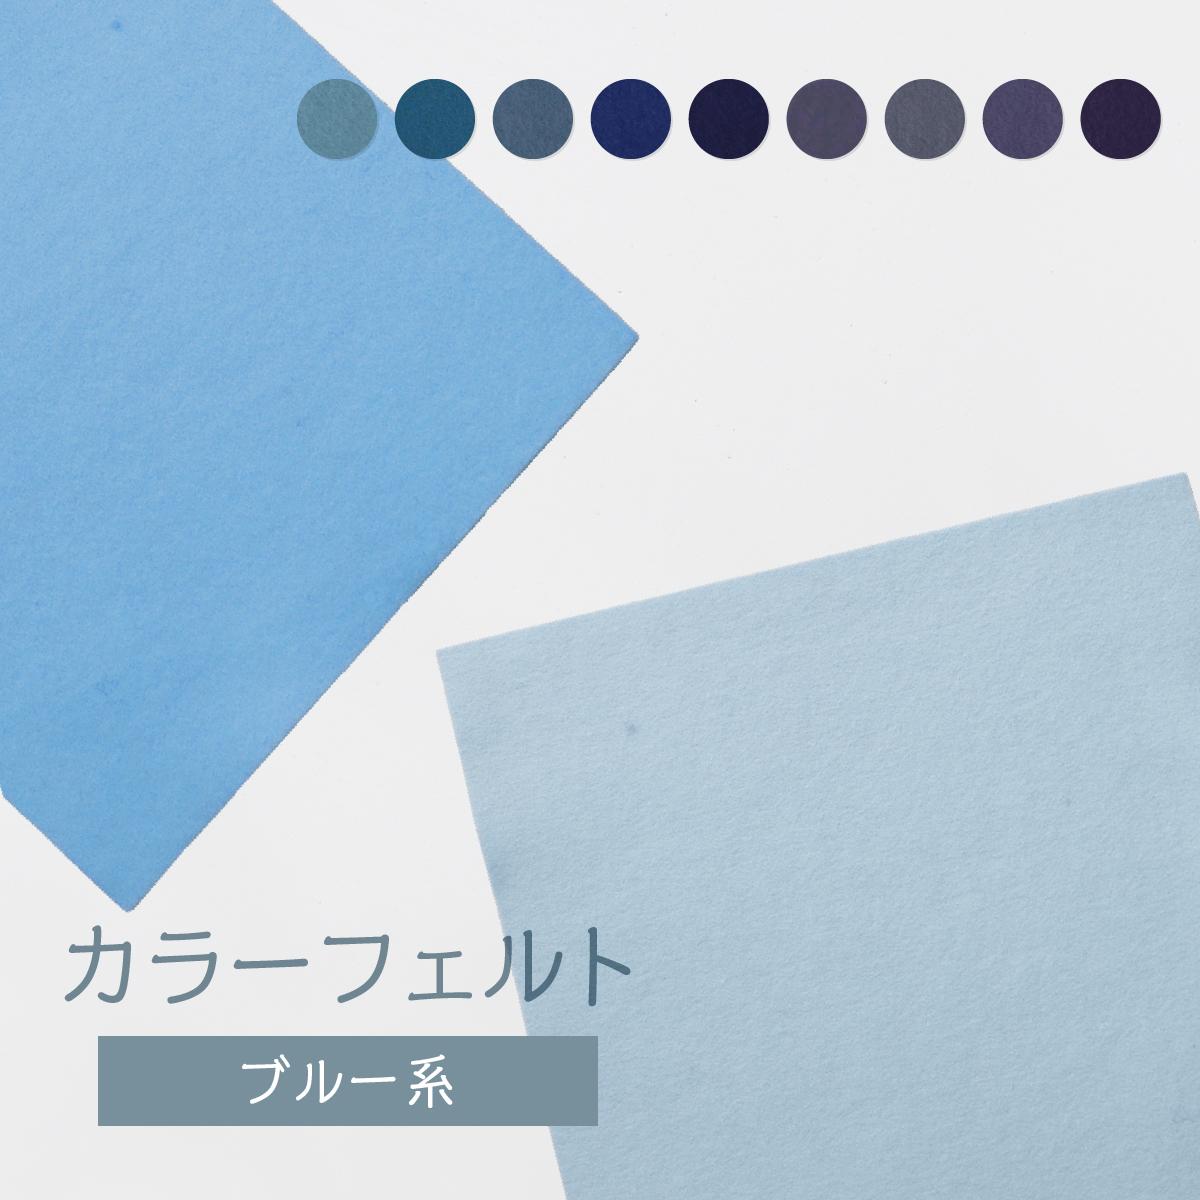 人にやさしい天然せんい使用 人気海外一番 ノックス セール 登場から人気沸騰 カラーフェルト生地 青色系 日本製